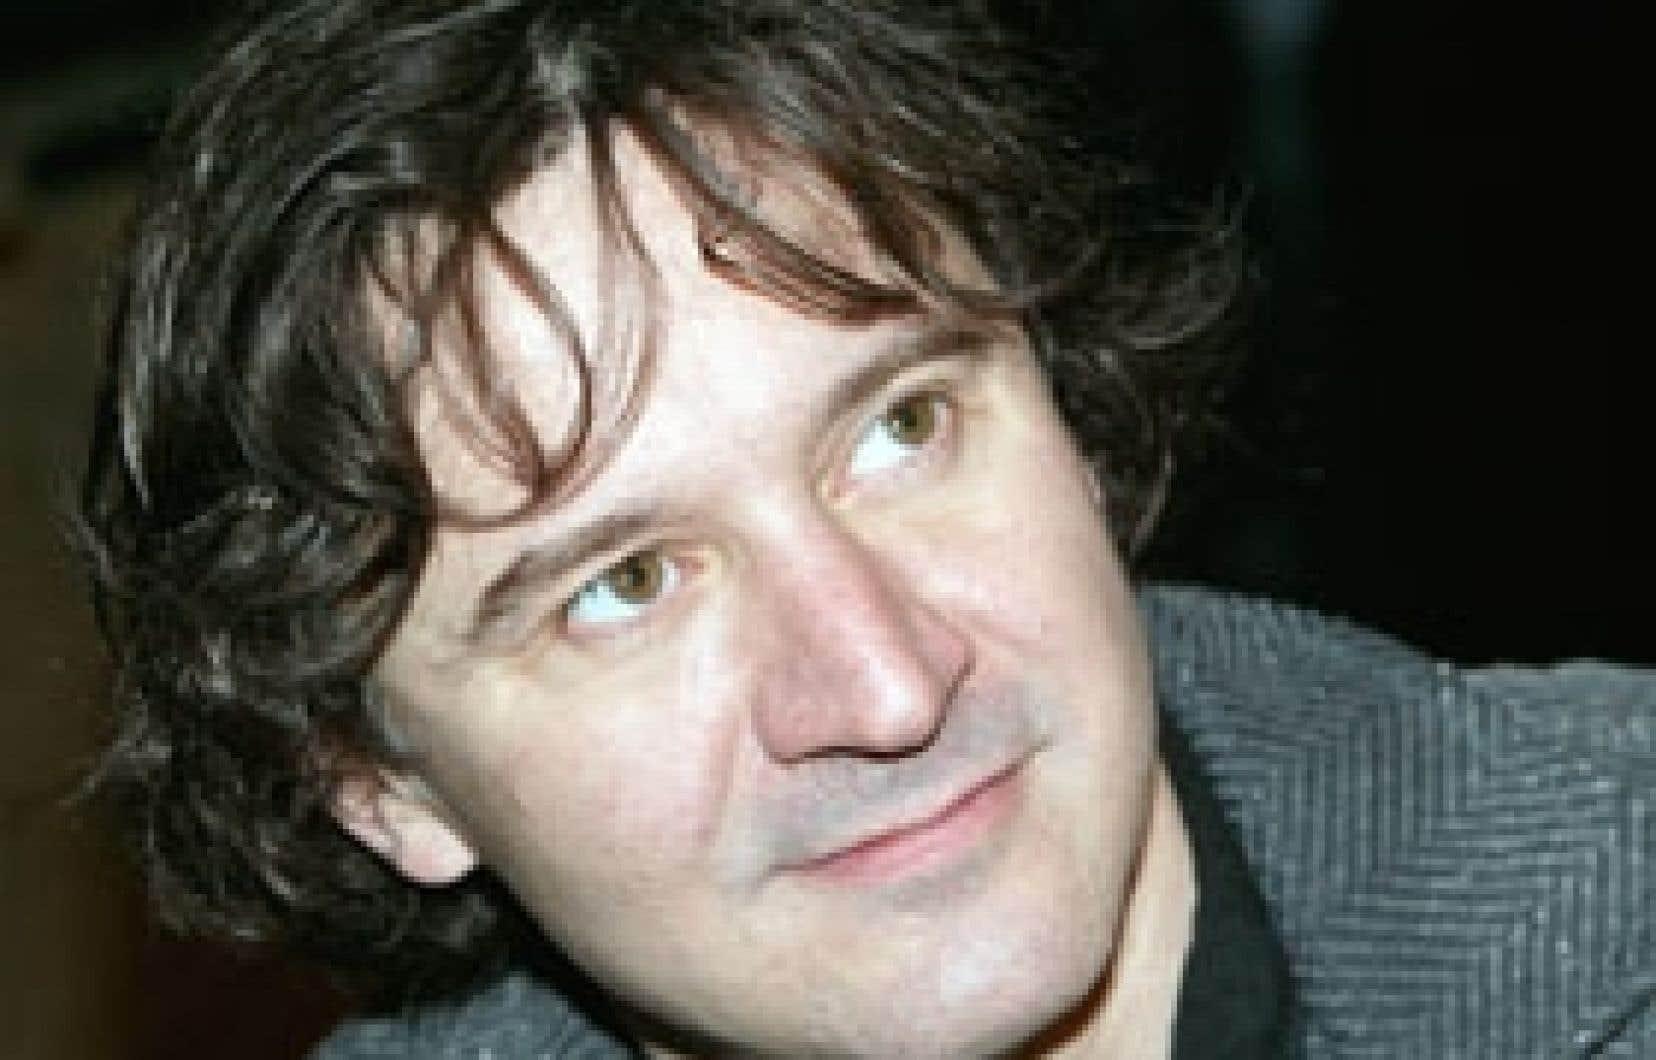 François Papineau, consacré dans le rôle d'Ulysse en 2000, se glissera cette fois-ci dans la peau d'Achille, le sanglant guerrier.